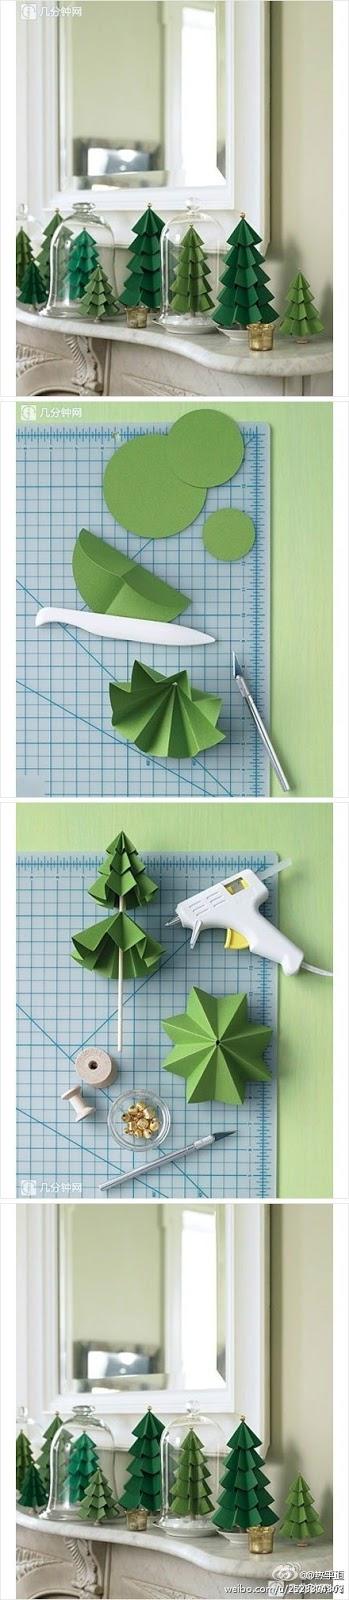 Pinheirinho de natal feito de papel